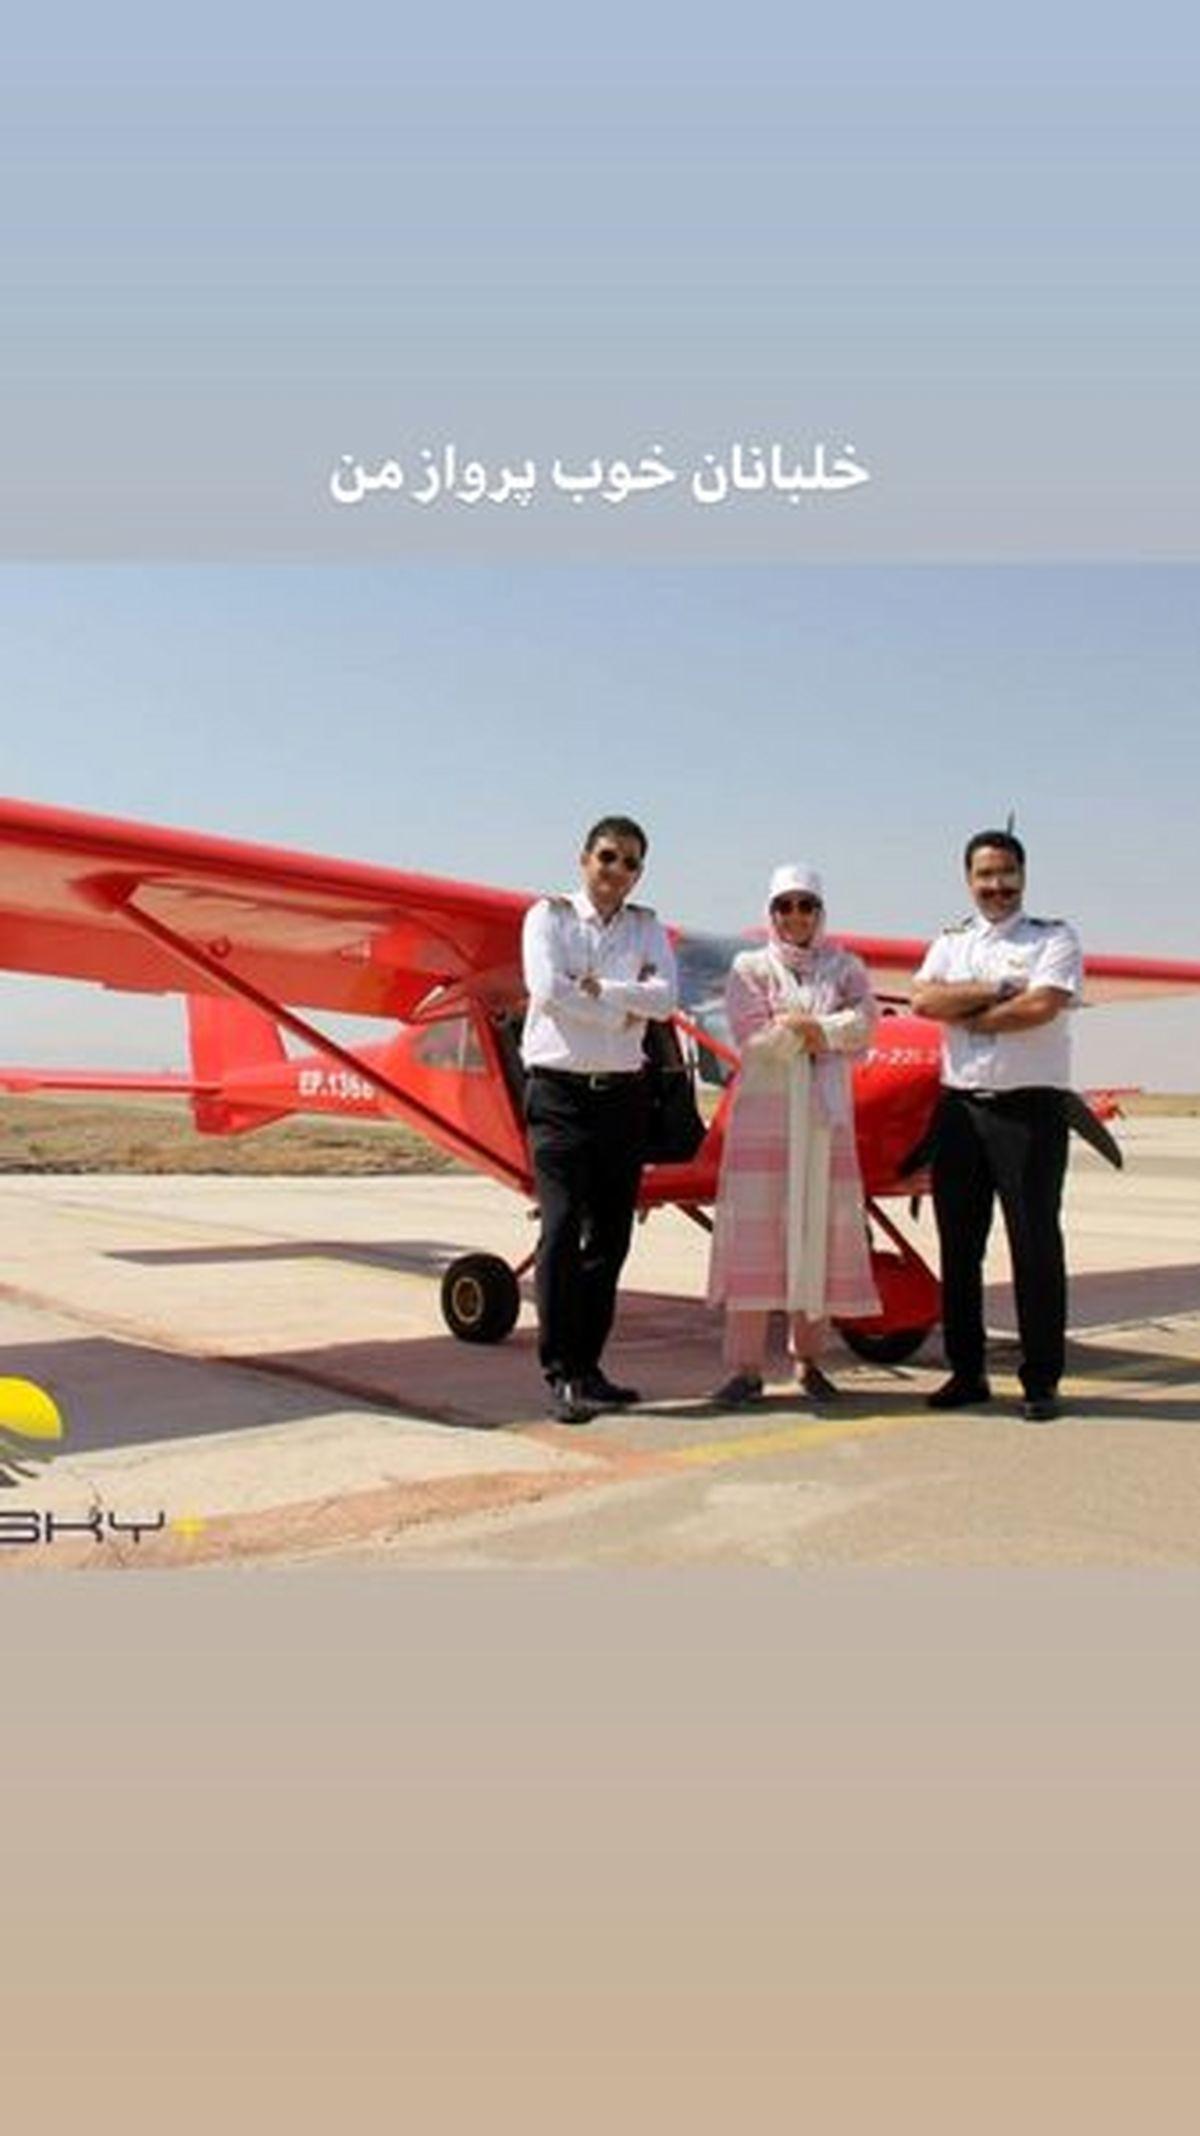 فاطمه گودرزی با شلوار کوتاه در کنار خلبانان پرواز + عکس